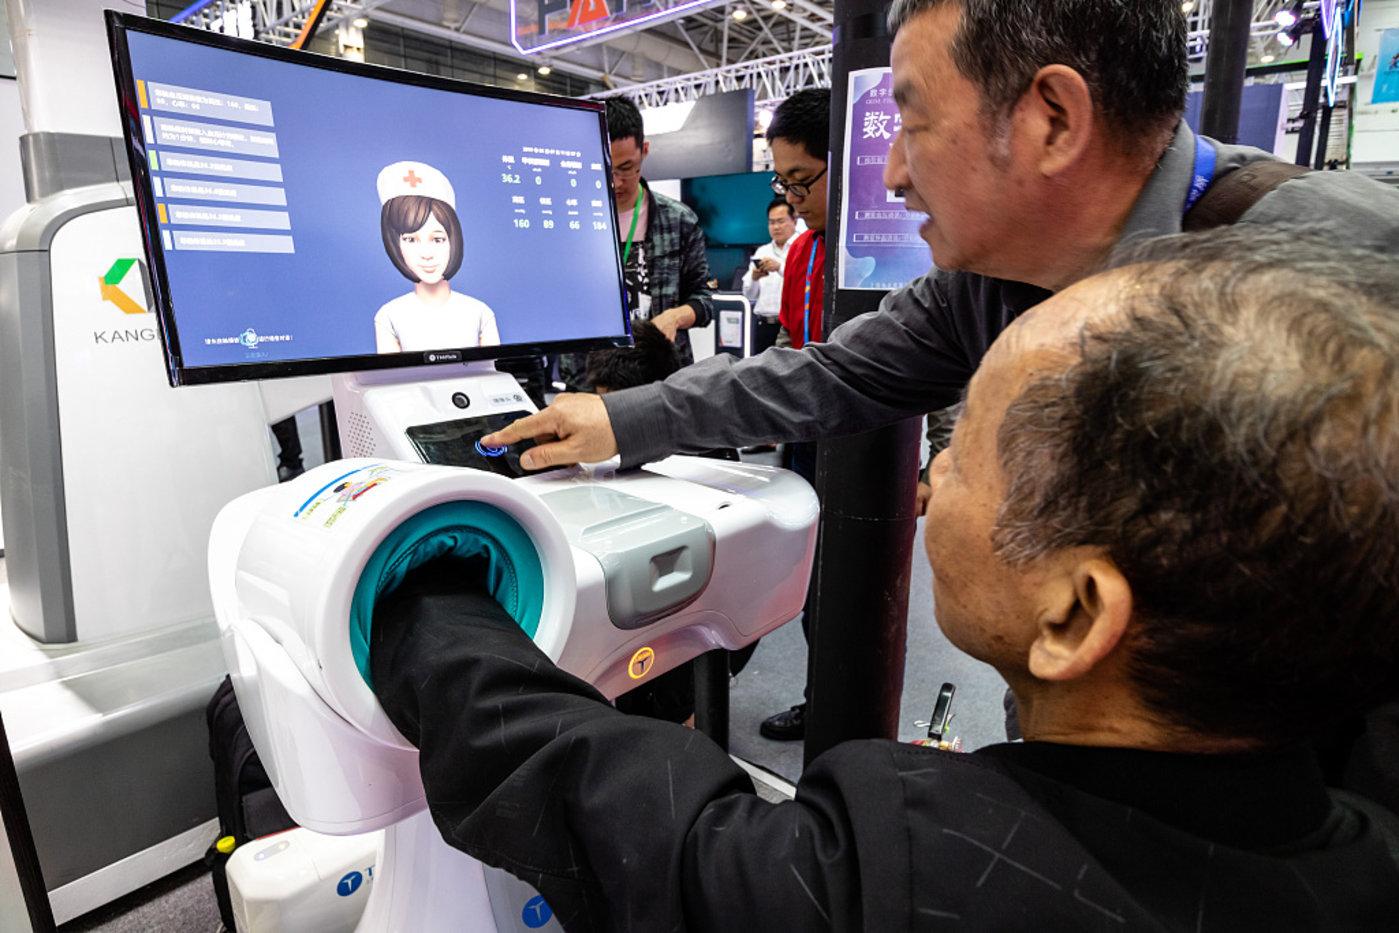 2019年5月7日,福州,第二届数字中国峰会上老年人体验AI人工智能医疗设备。